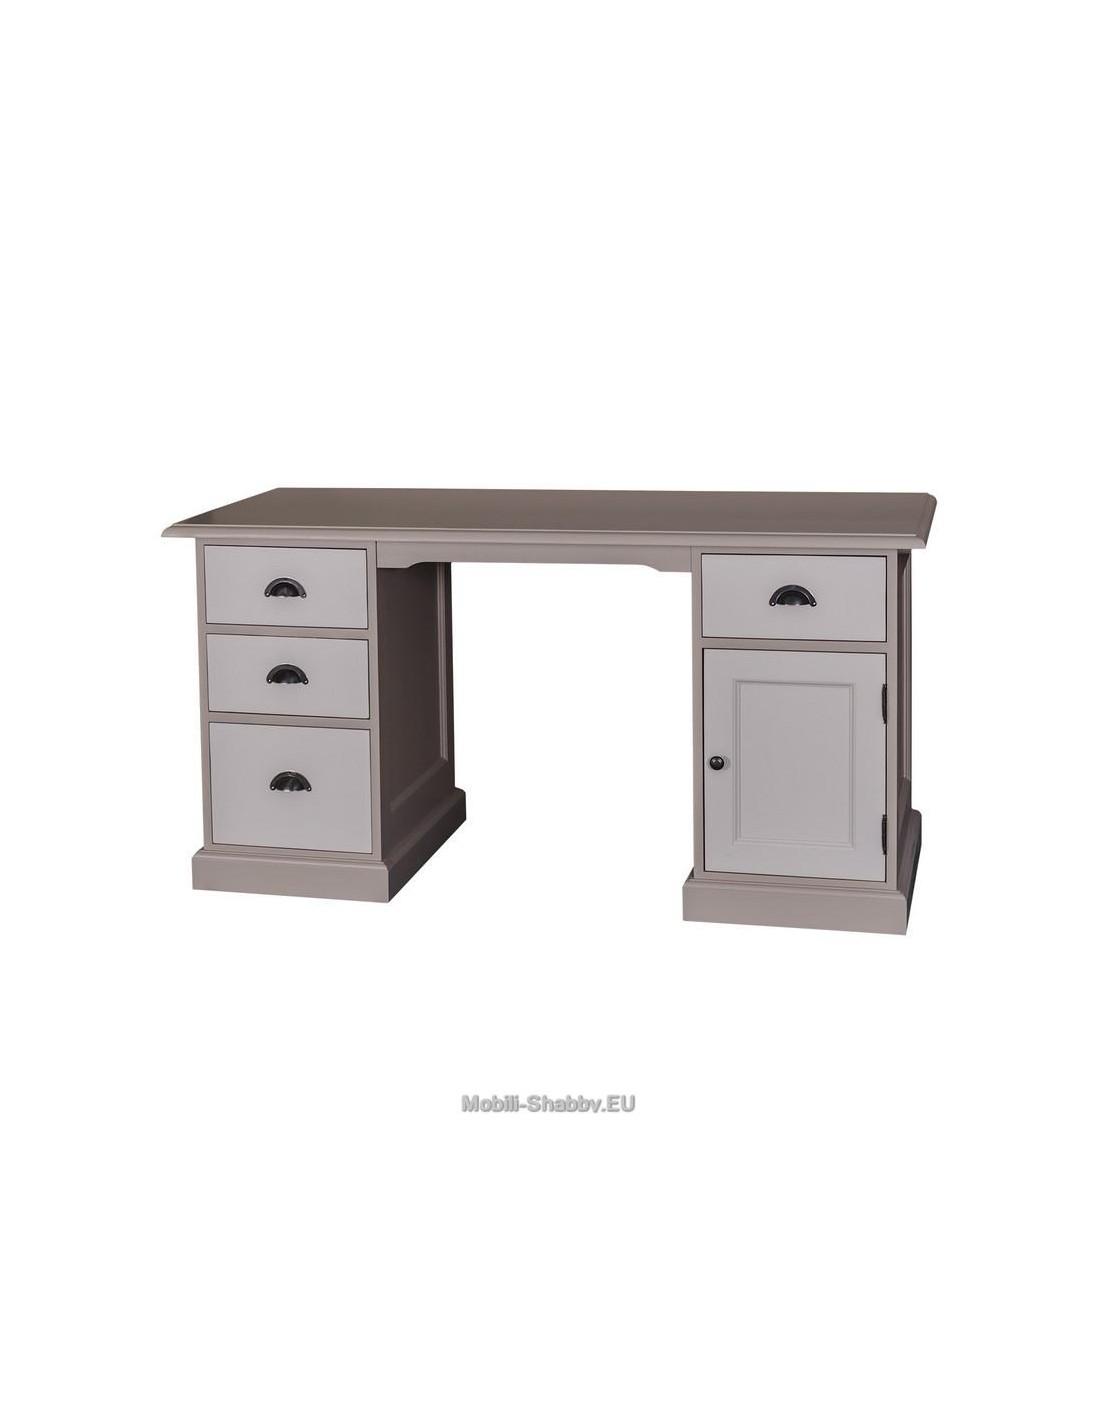 Scrivania legno massello colorato MS039 - Orissa Milano